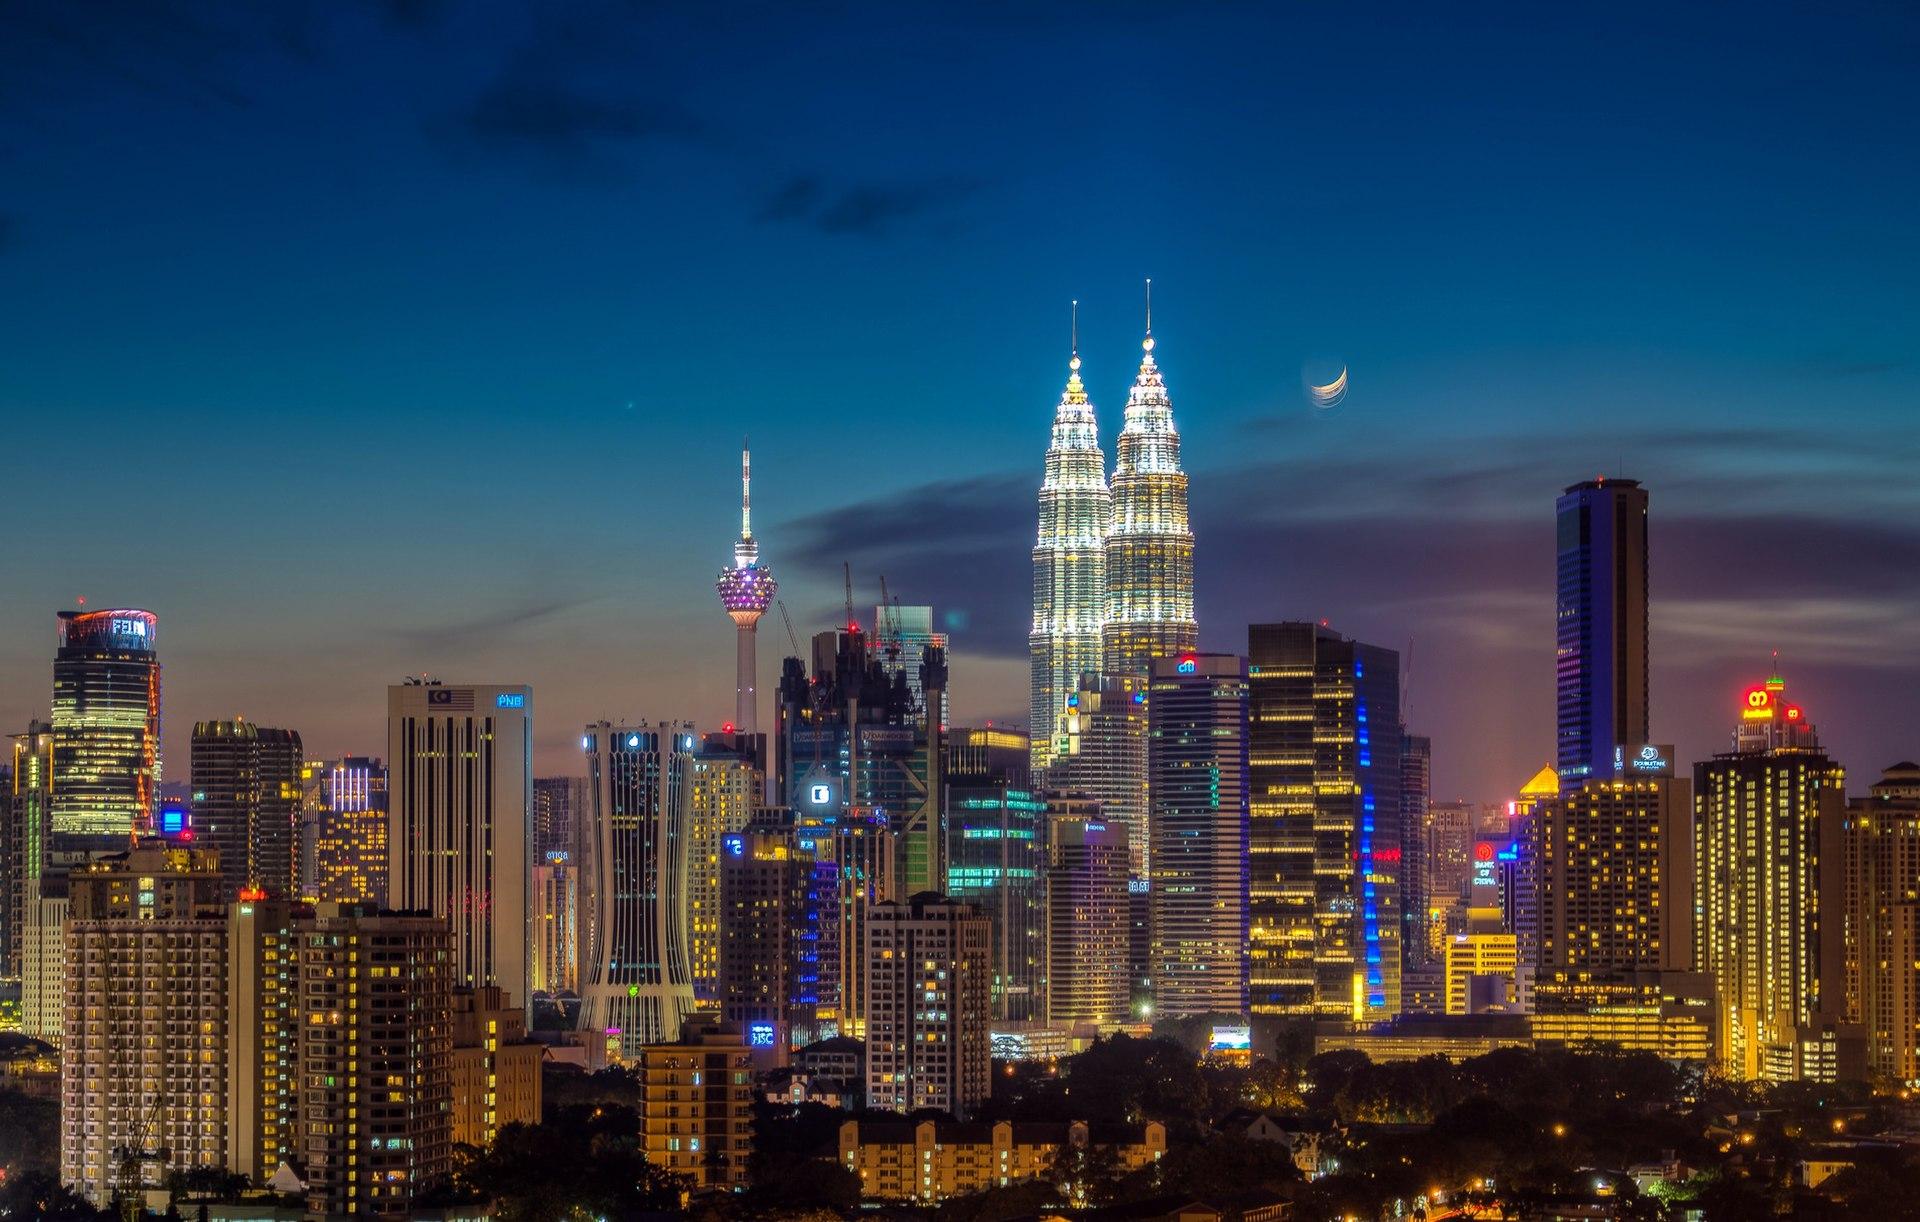 Hình ảnh tòa tháp đôi Petronas - biểu tượng Malaysia